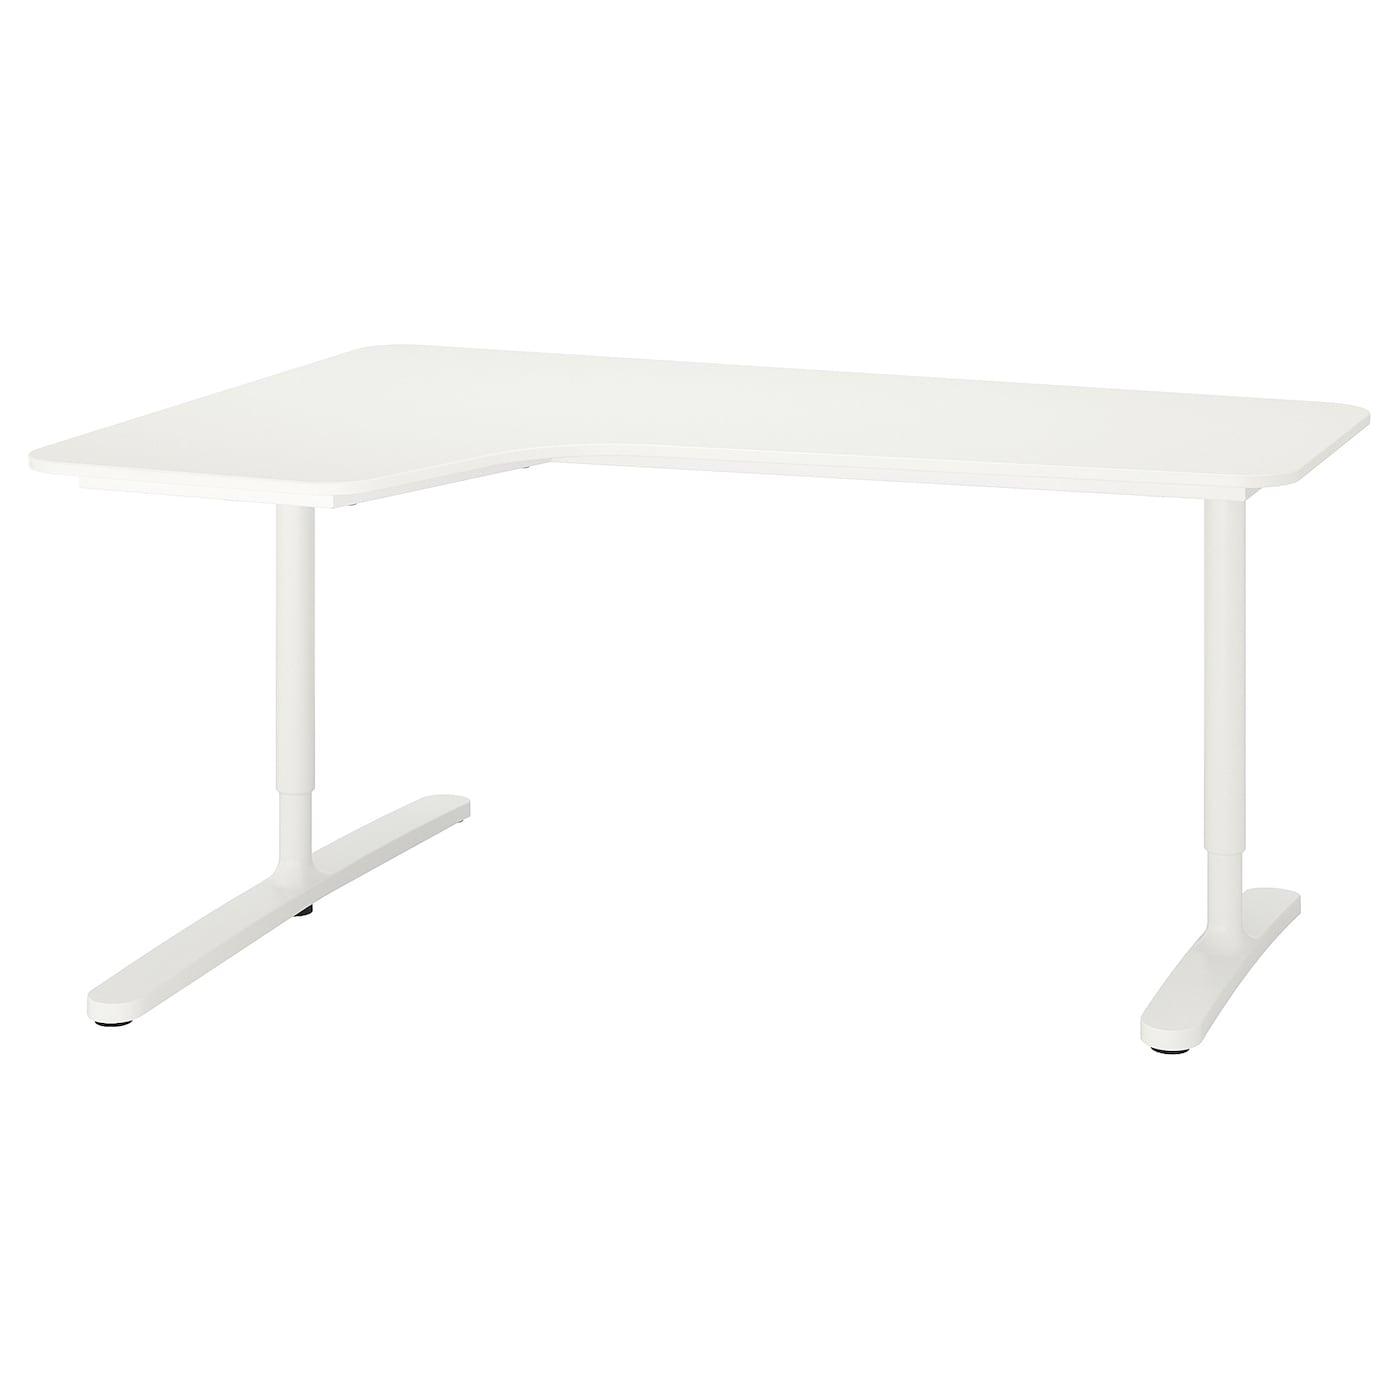 IKEA BEKANT białe biurko narożne lewe, 160x110 cm